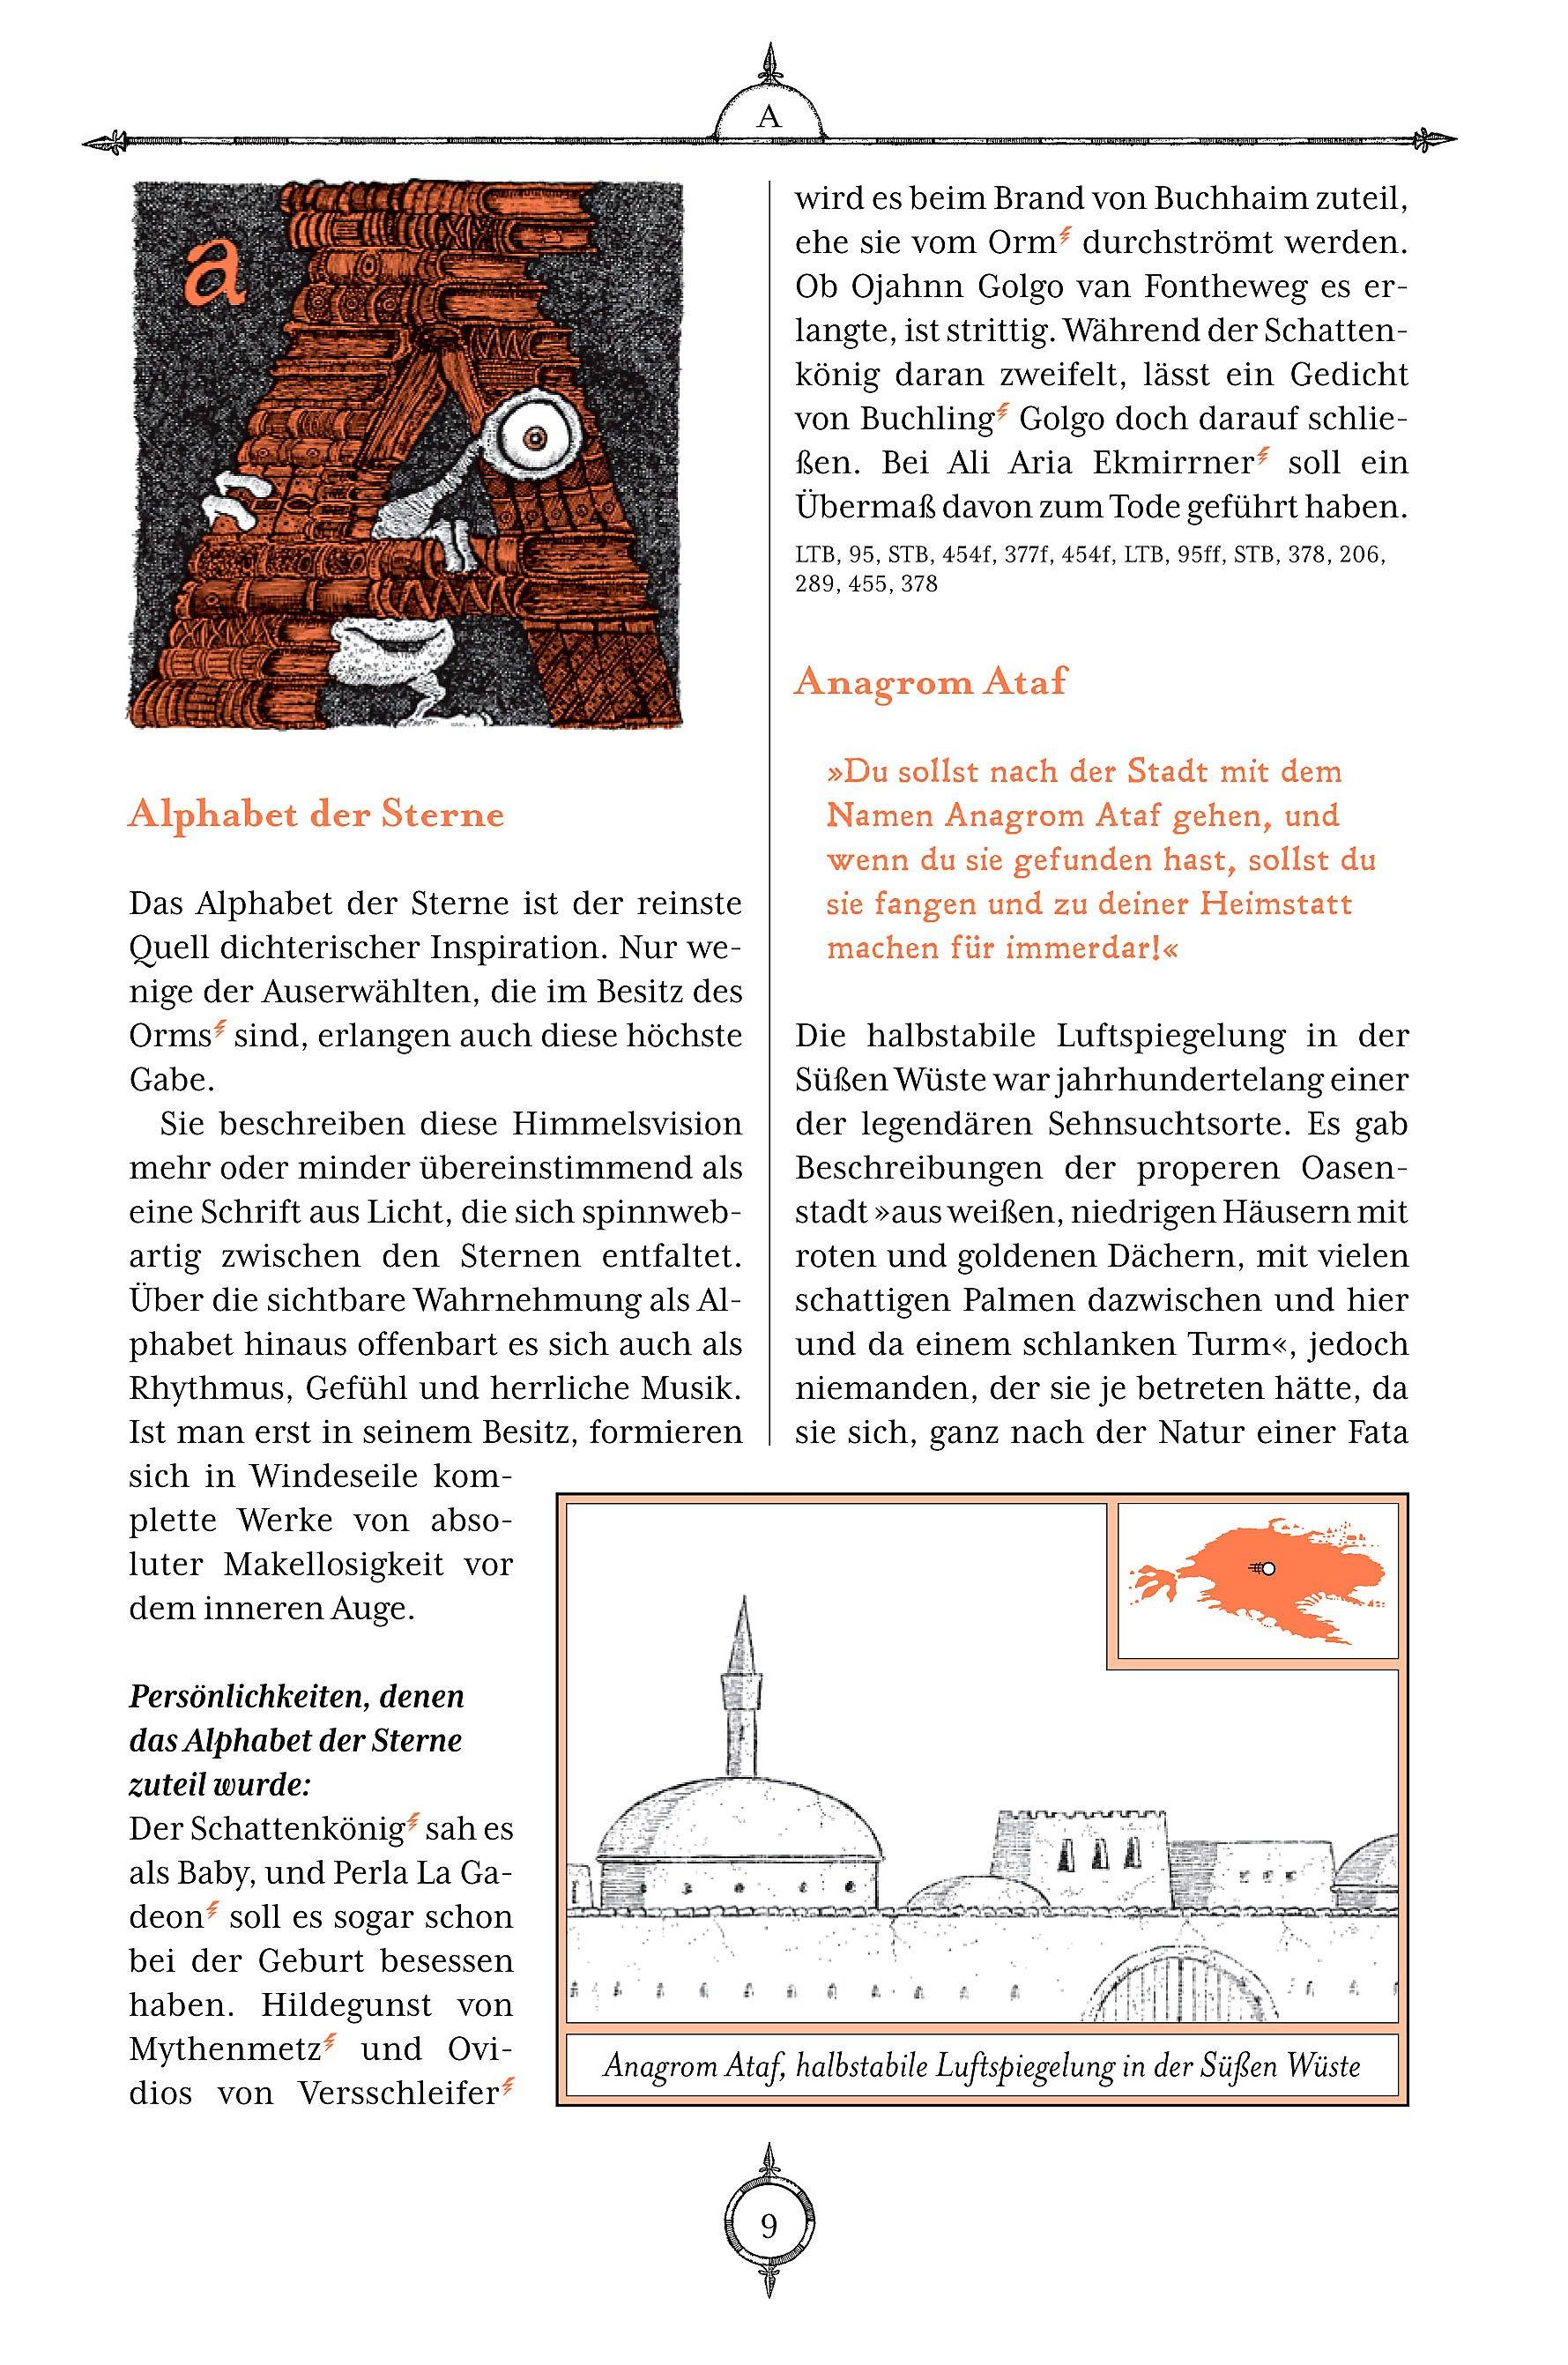 Zamonien Buch Von Walter Moers Jetzt Bei Weltbildde Bestellen